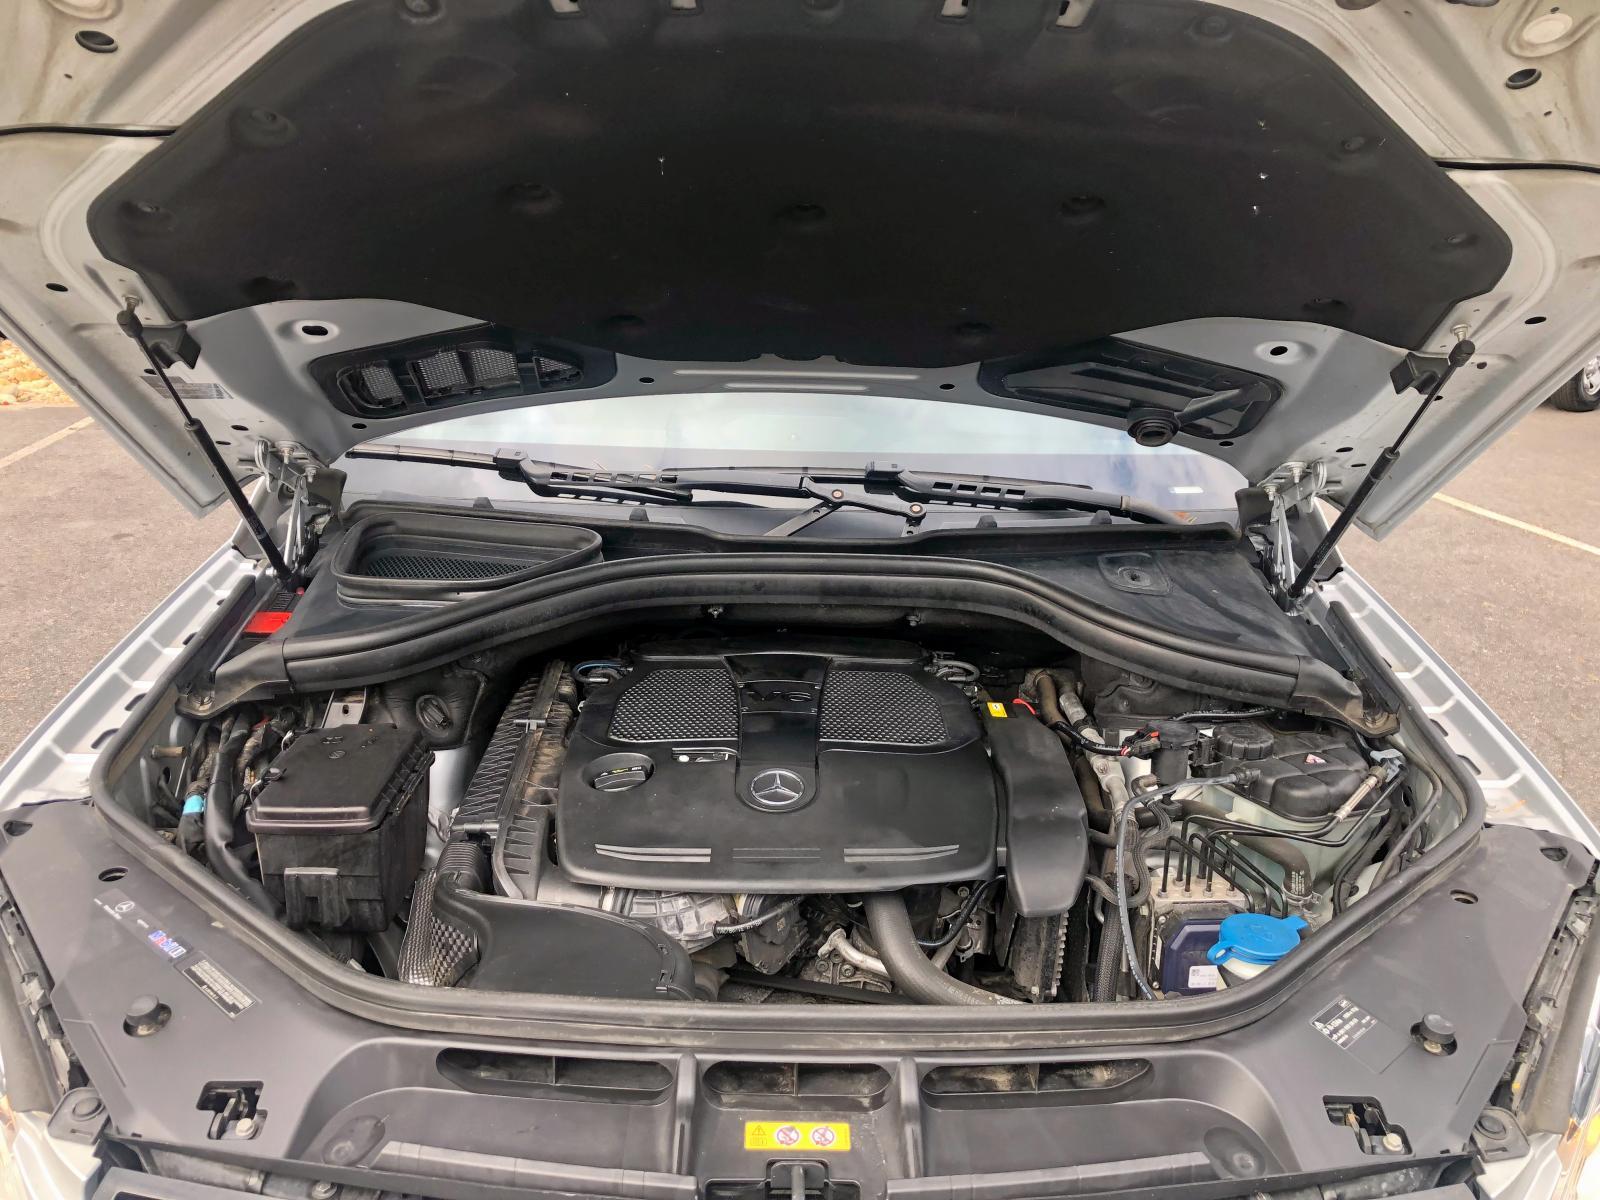 4JGDA5HB3CA031545 - 2012 Mercedes-Benz Ml 350 4Ma 3.5L inside view